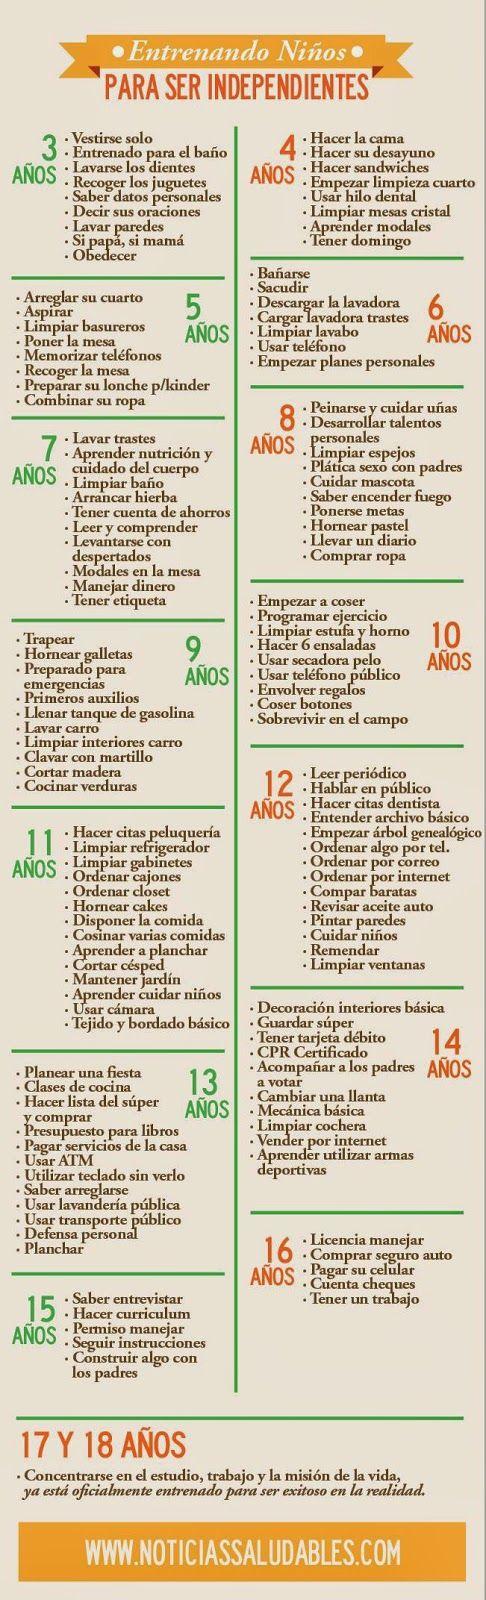 PSICOLOGOS PERU: COMO ENTRENAR HIJOS INDEPENDIENTES Y AUTONOMOS